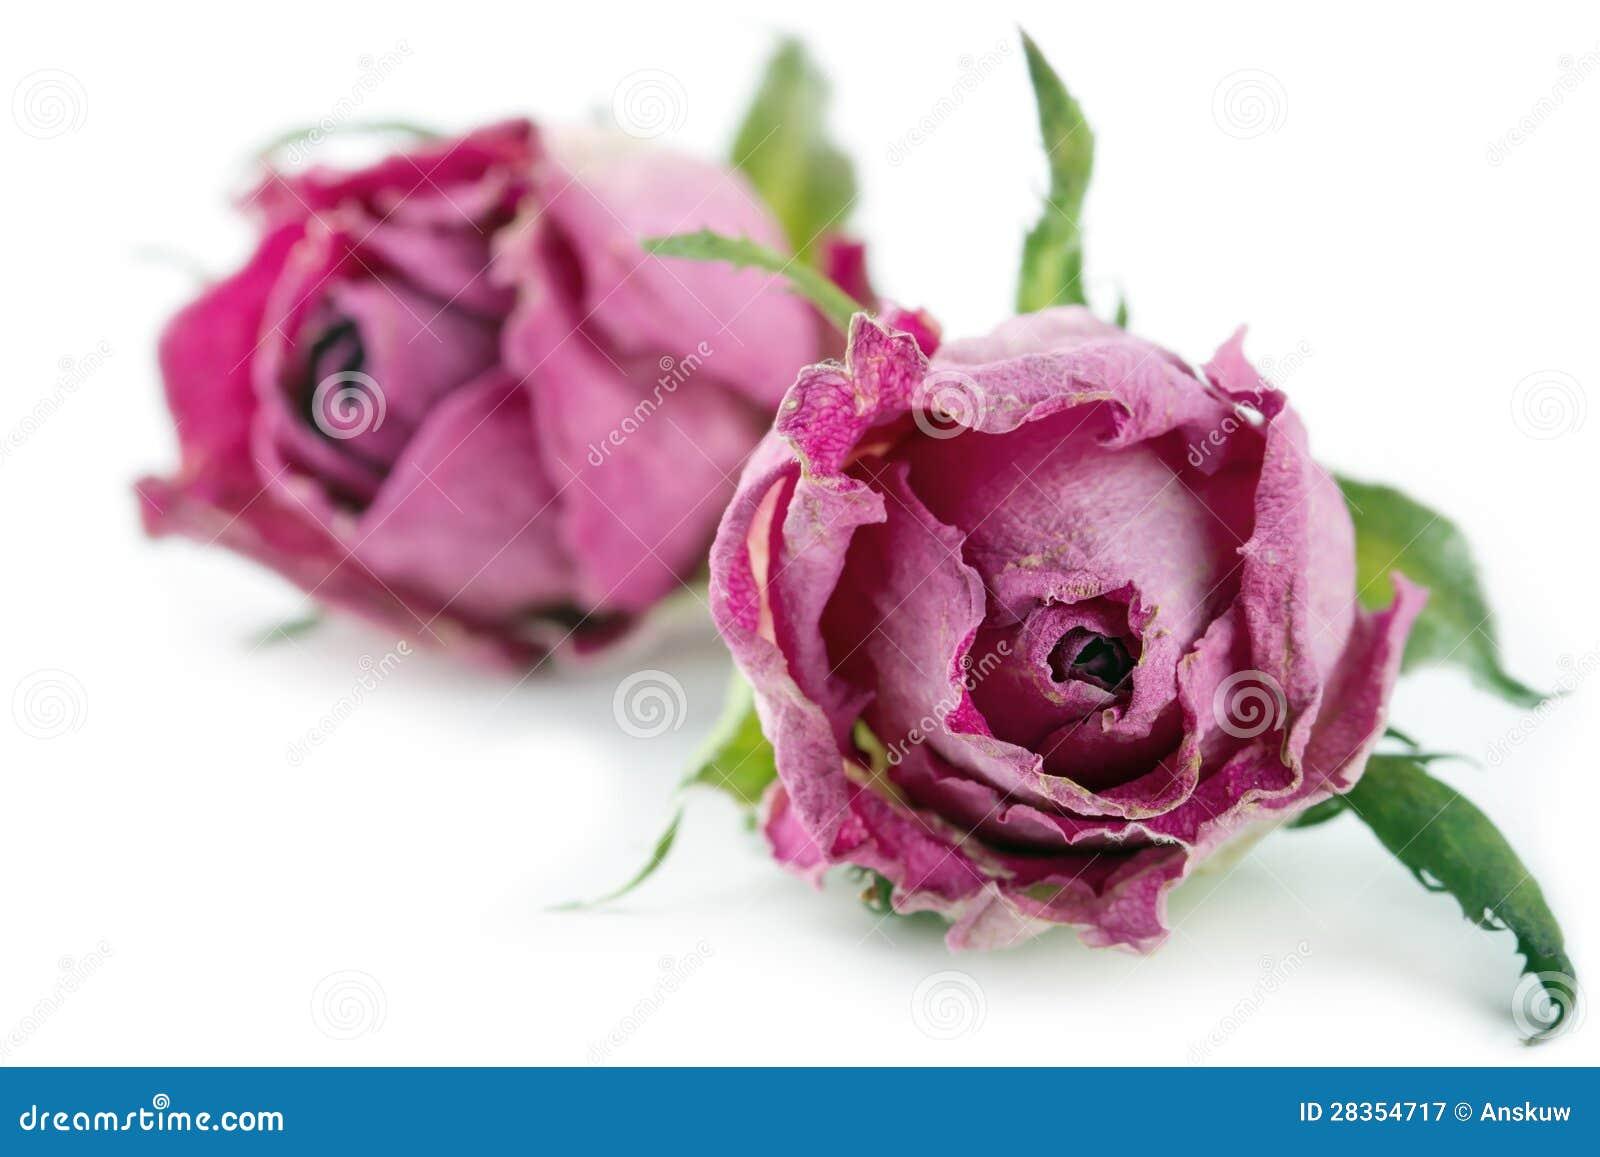 getrocknete rosa rosen auf wei em hintergrund lizenzfreie stockfotografie bild 28354717. Black Bedroom Furniture Sets. Home Design Ideas